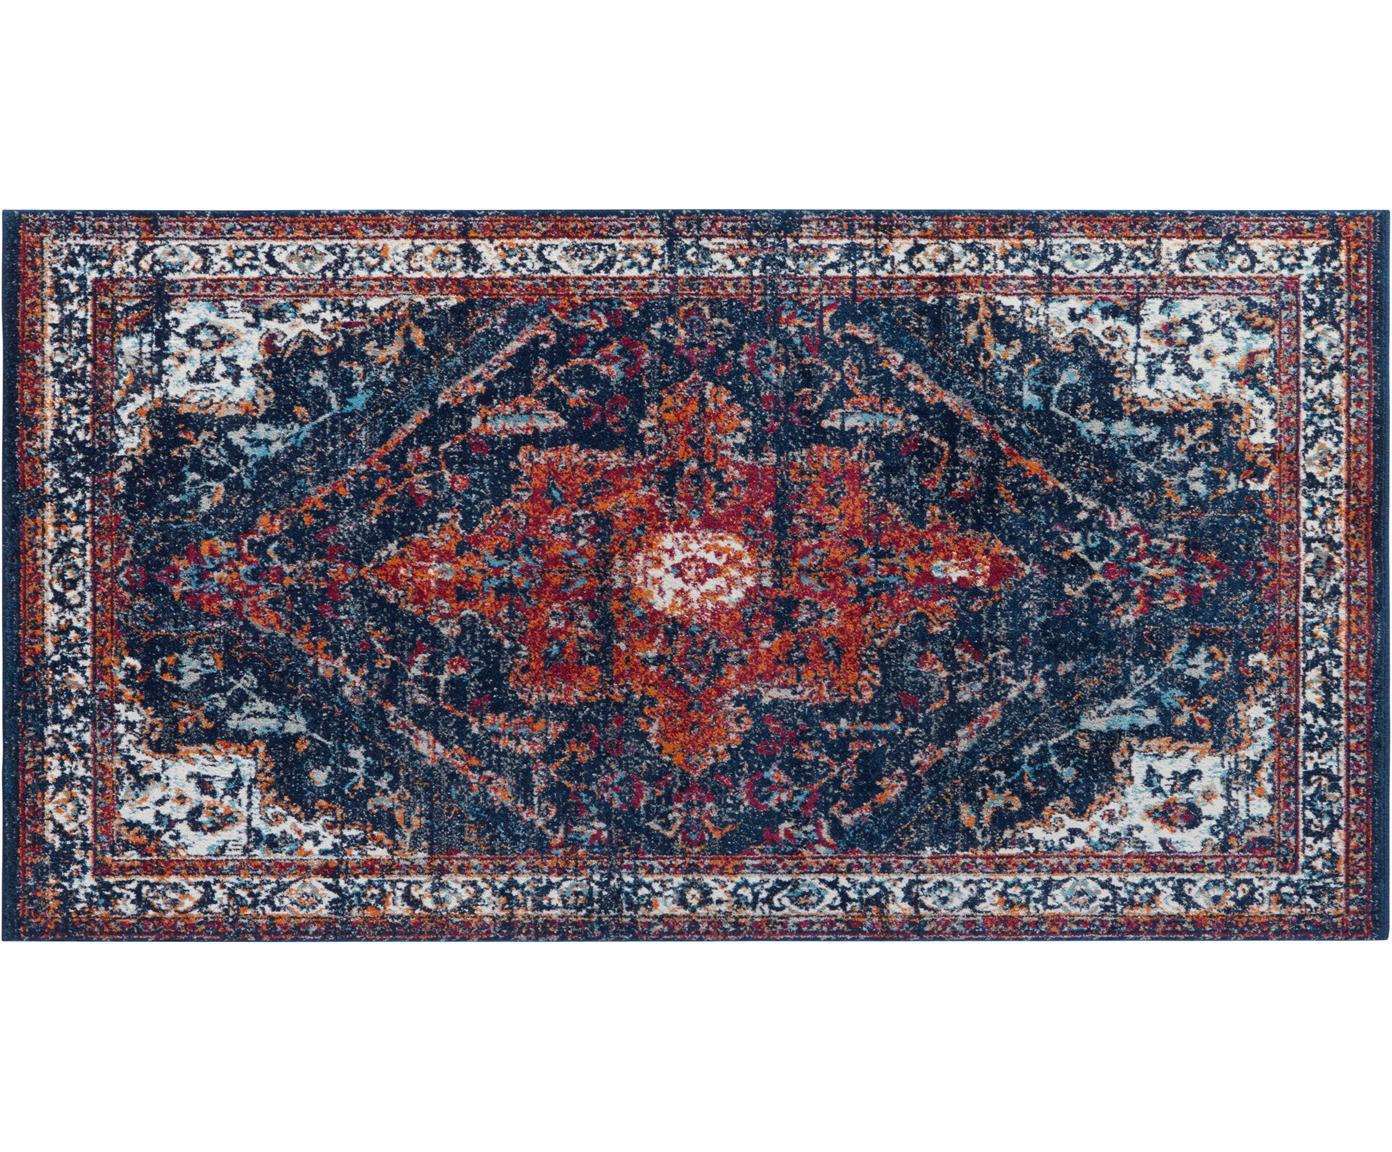 Dywan vintage Azrow, Ciemnoniebieski, czerwony, S 80 x D 150 cm (Rozmiar XS)